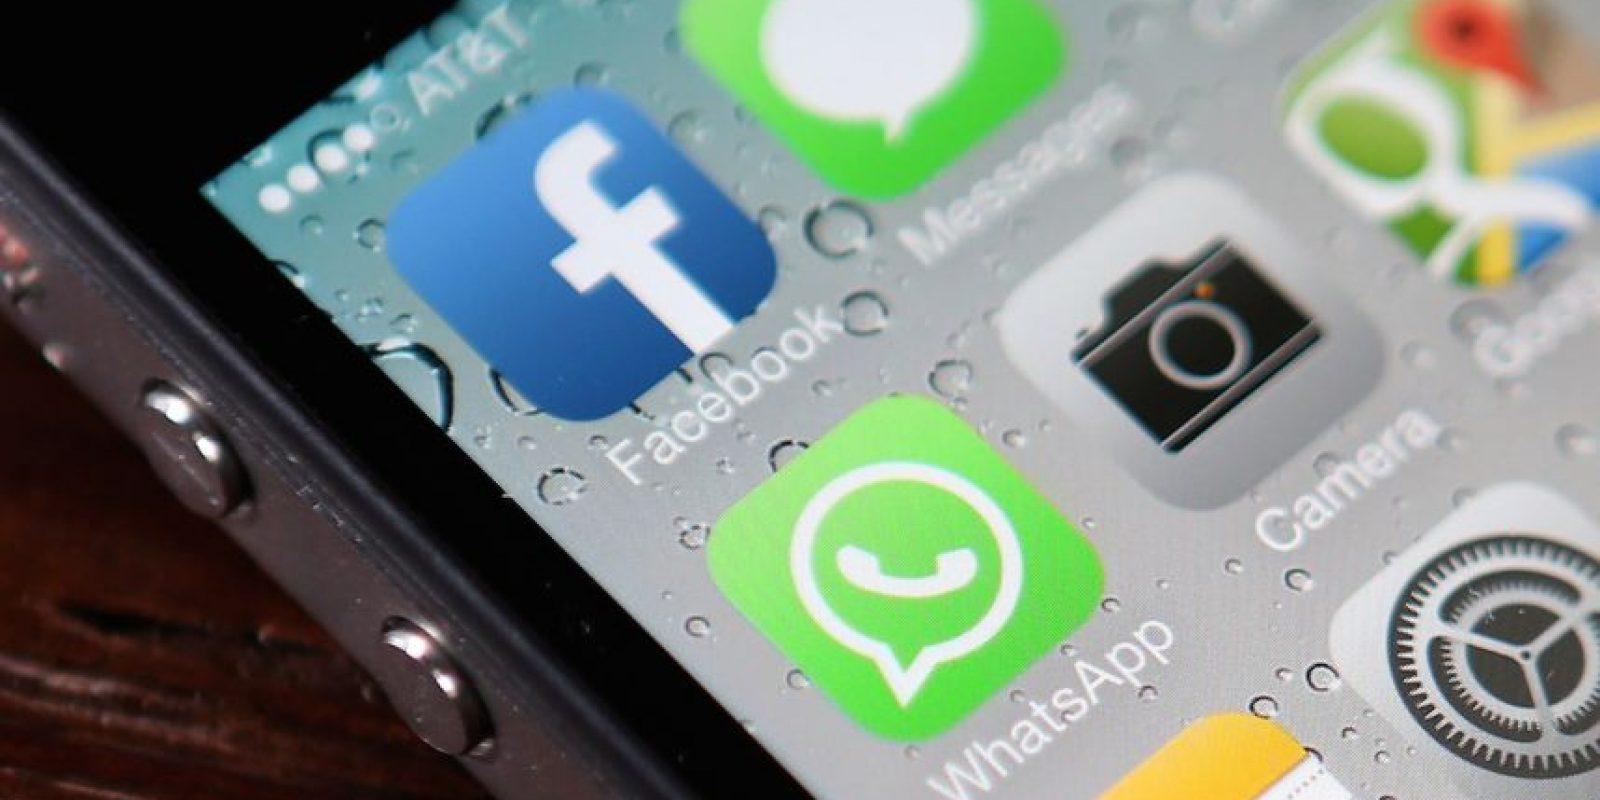 7) Activen la autentificación de doble factor en su perfil ya que así necesitarán ingresar un código extra emitido por SMS o generado por la aplicación de Facebook en tu celular para poder ingresar a su cuenta. Foto:Getty Images